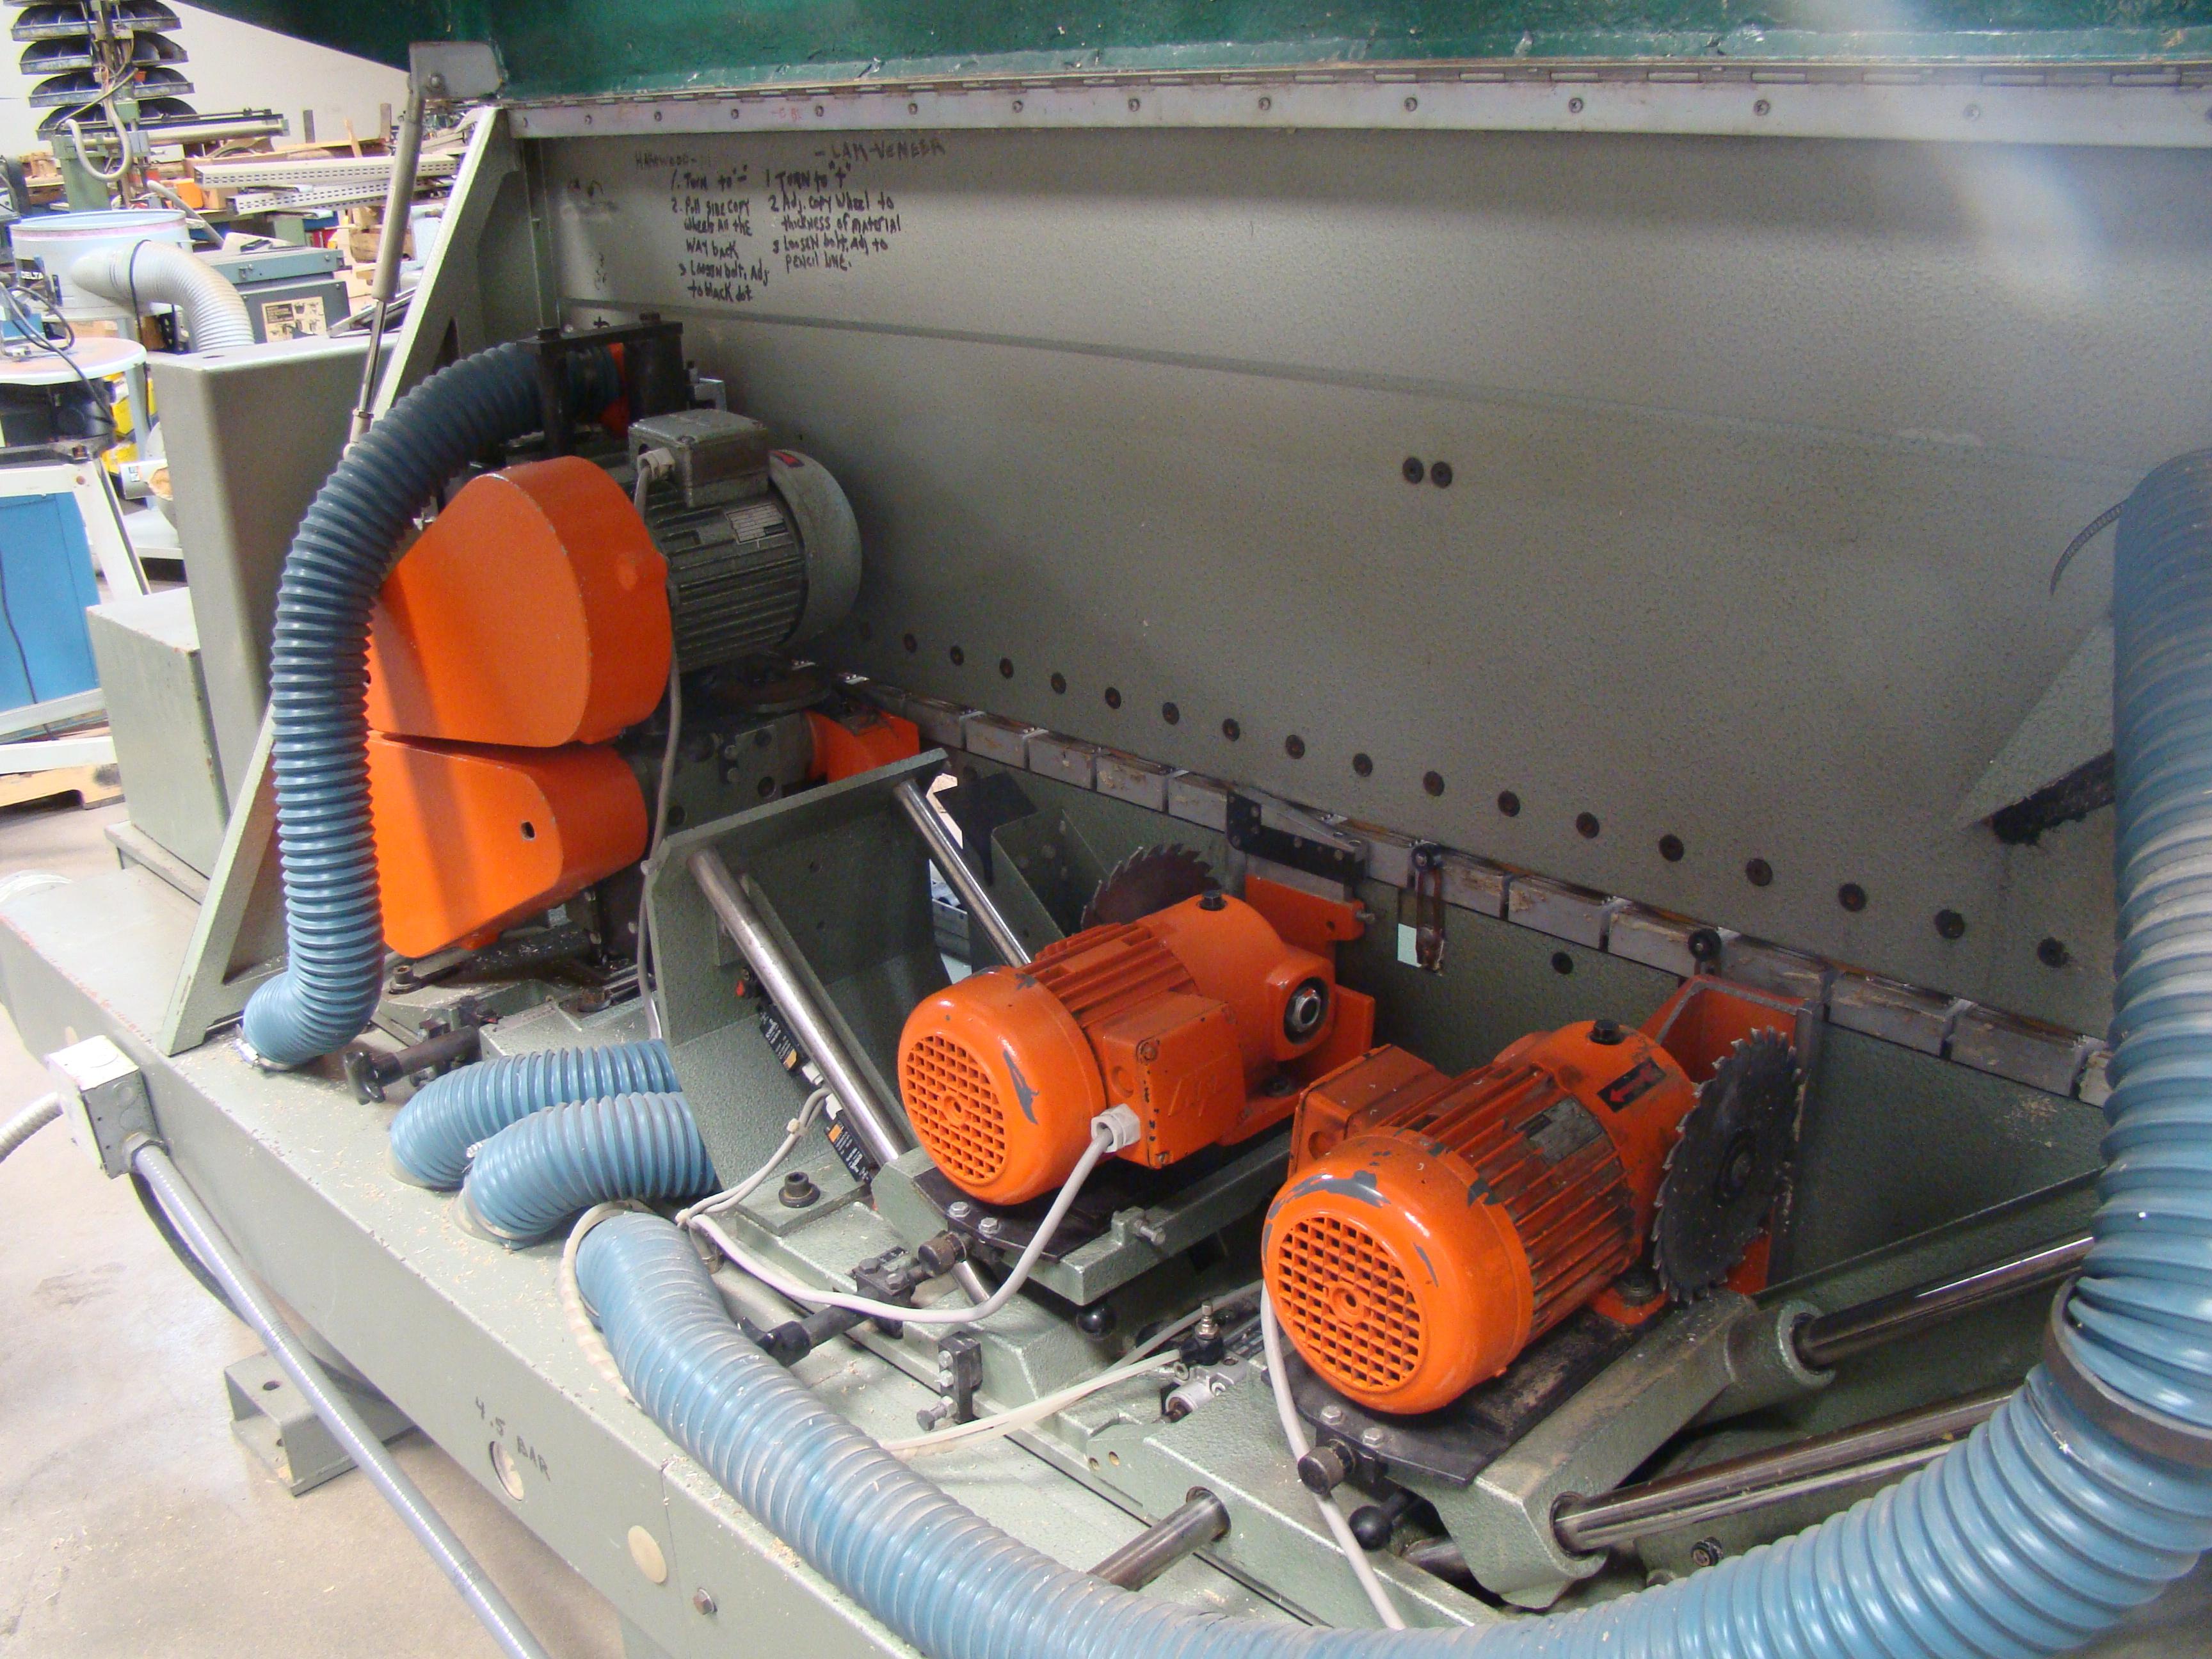 Holz-Her Edge Bander 1408 Pressure Roller, Uses GluJet, End trim stations, Flush/Bevel Scraper, - Image 6 of 10